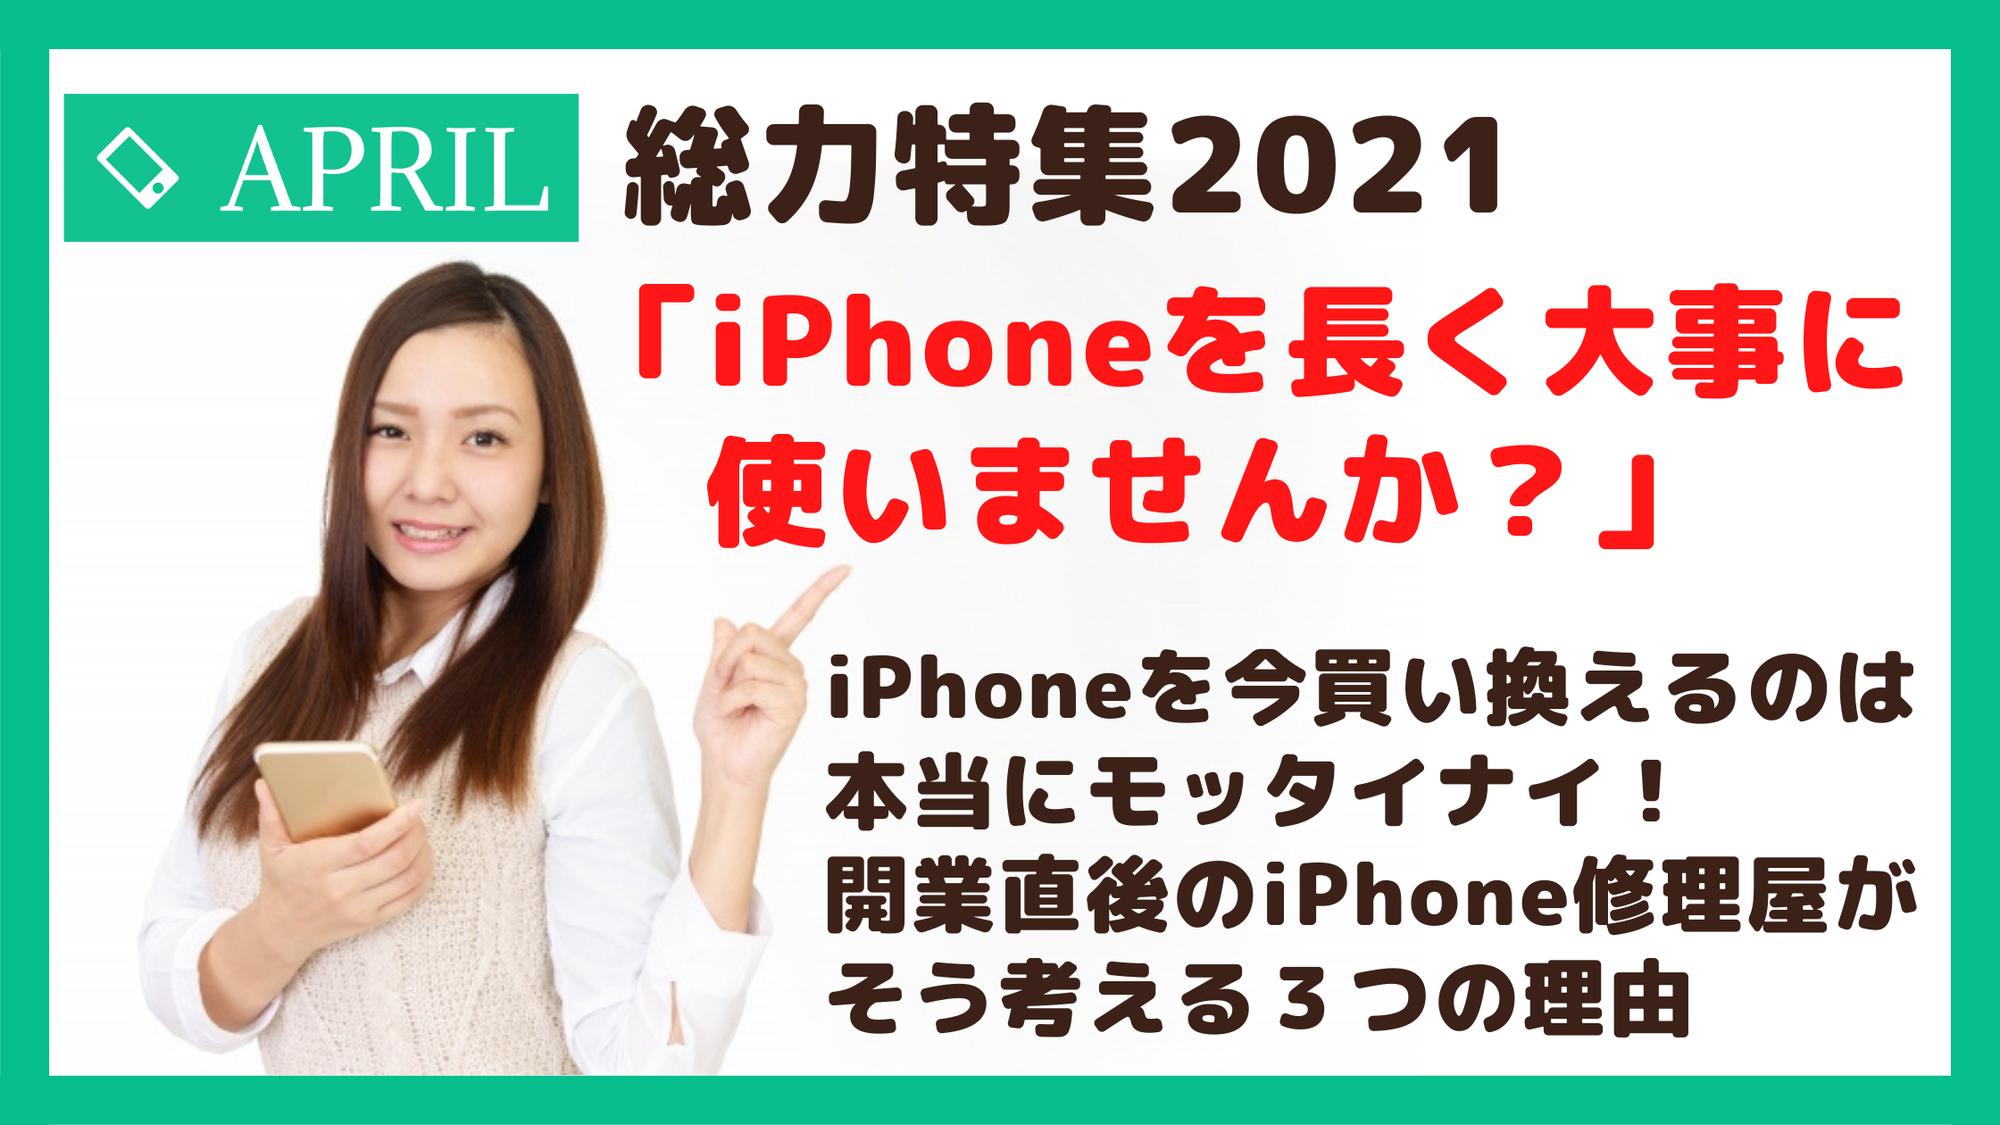 iPhoneを長く大事に使いませんか?